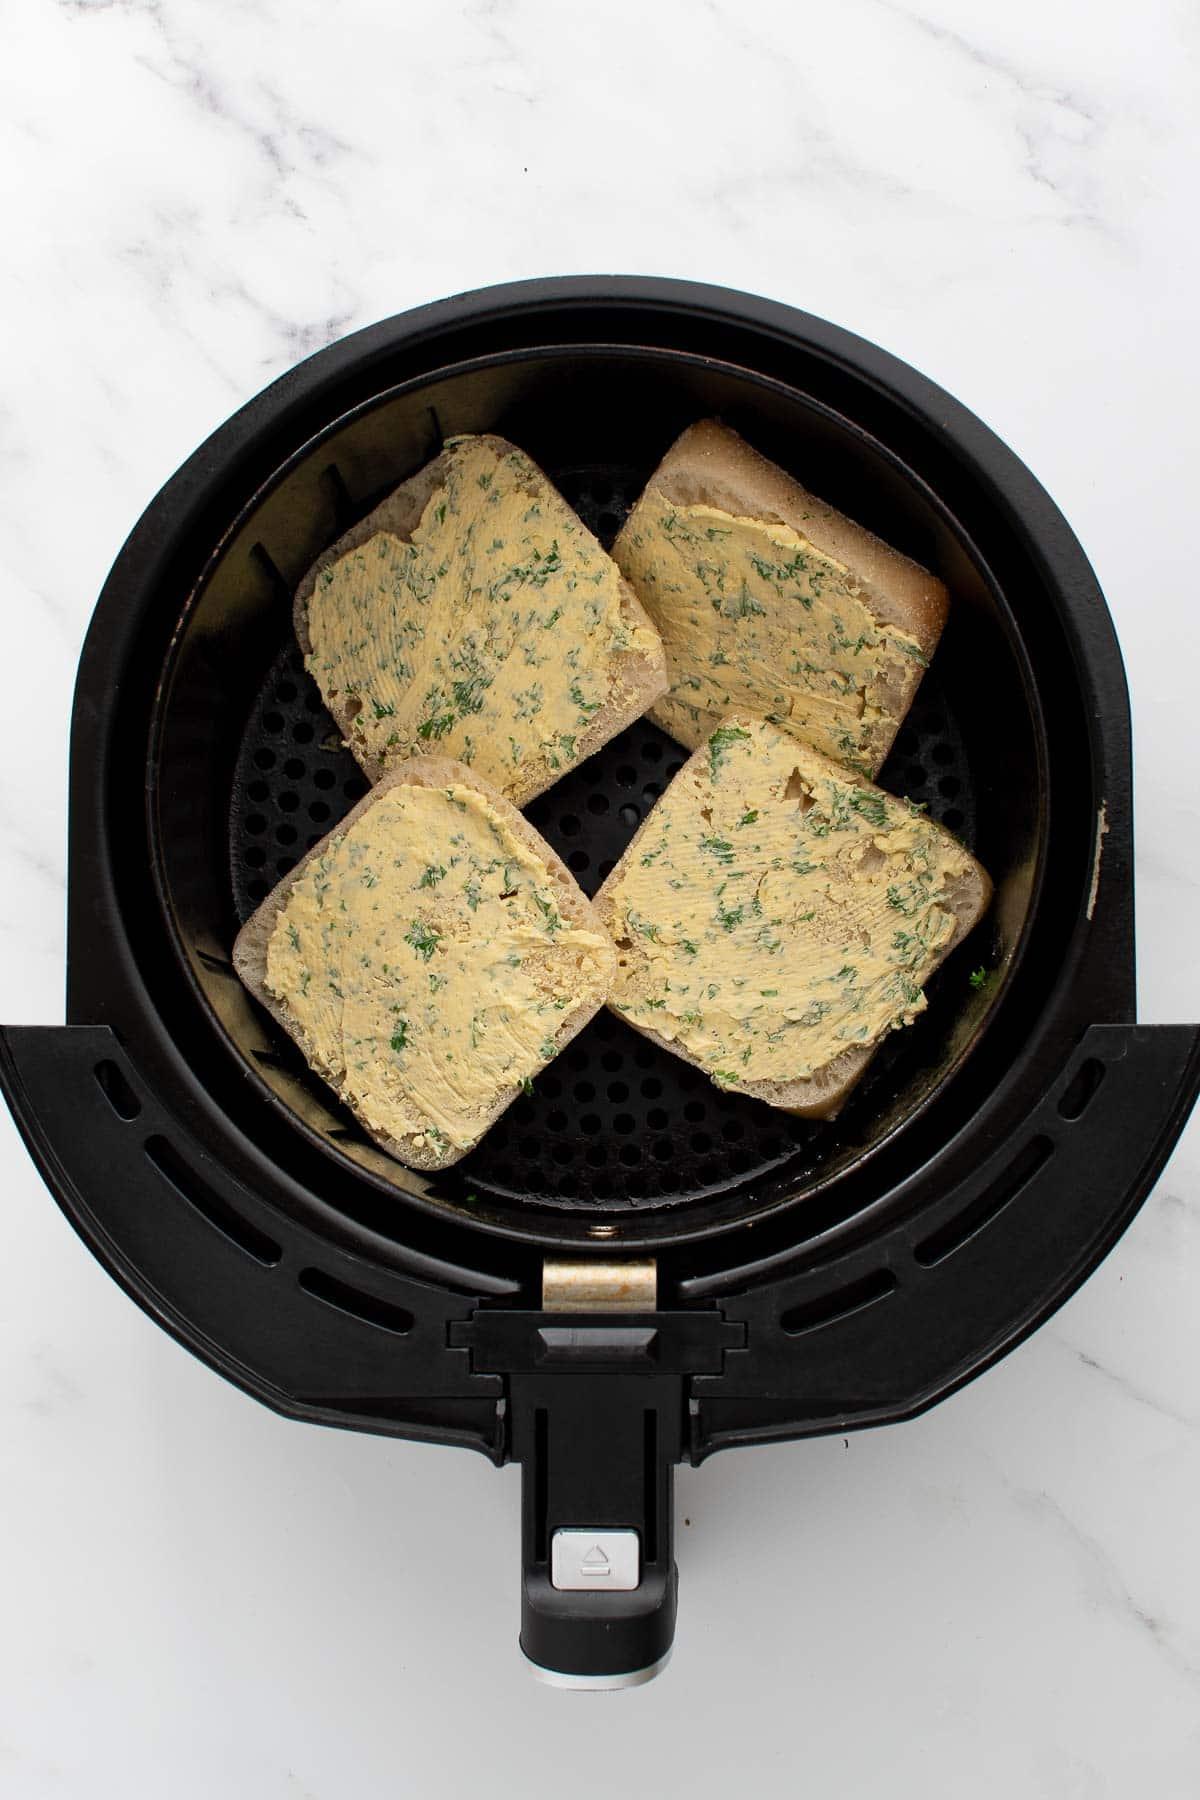 Ciabattas with garlic butter in an air fryer.